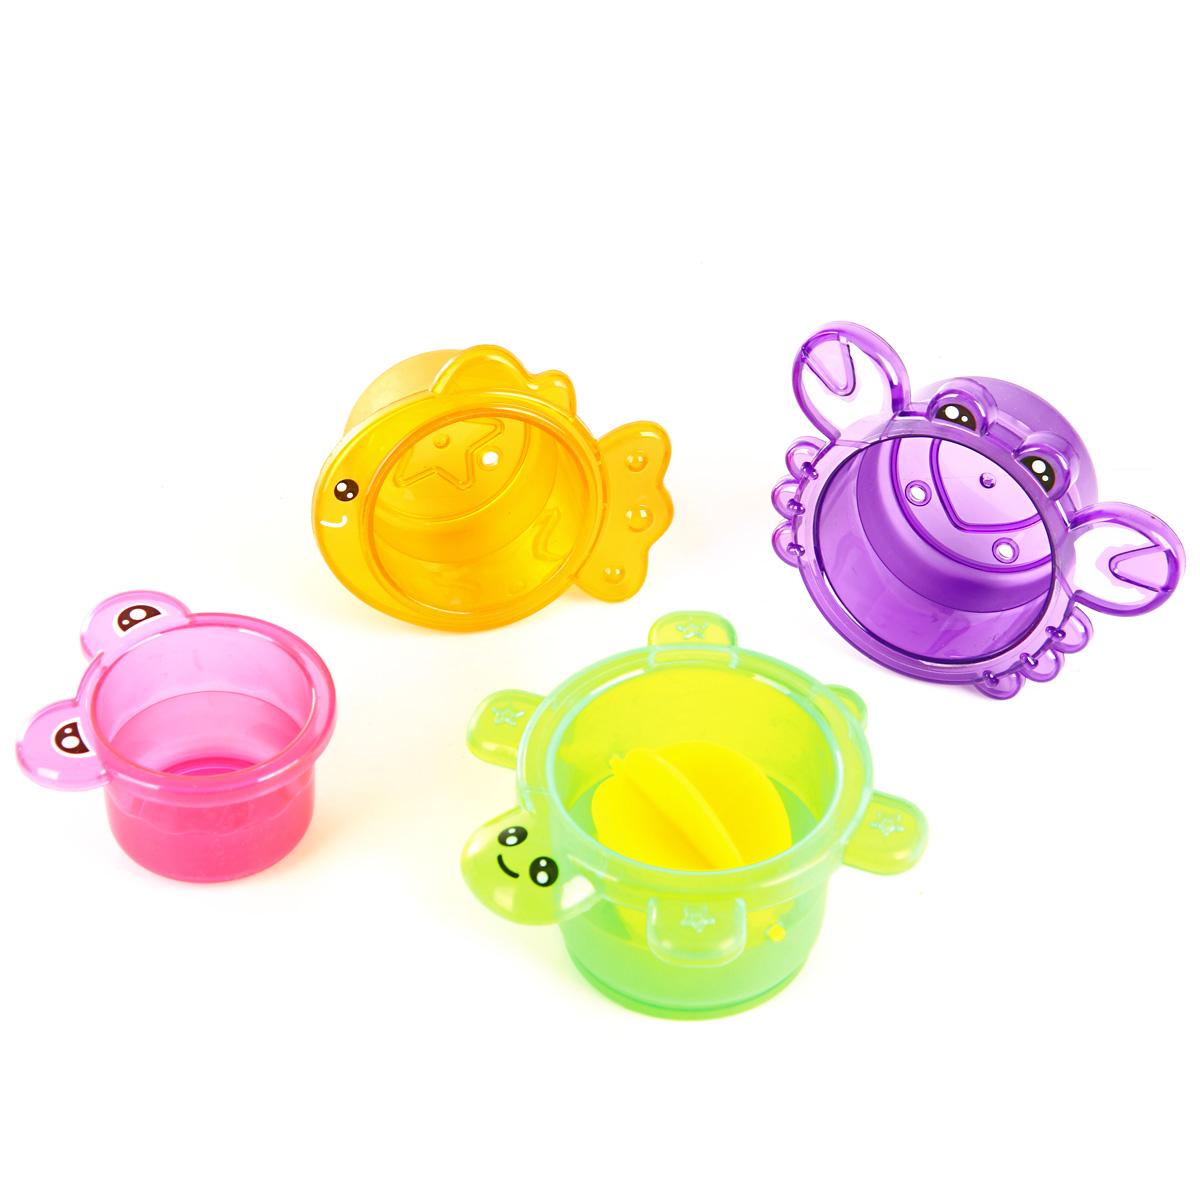 Игрушки для ванны Ути Пути Игрушка для ванны Ути Пути «Формочки. Рыбка» в асс. цена